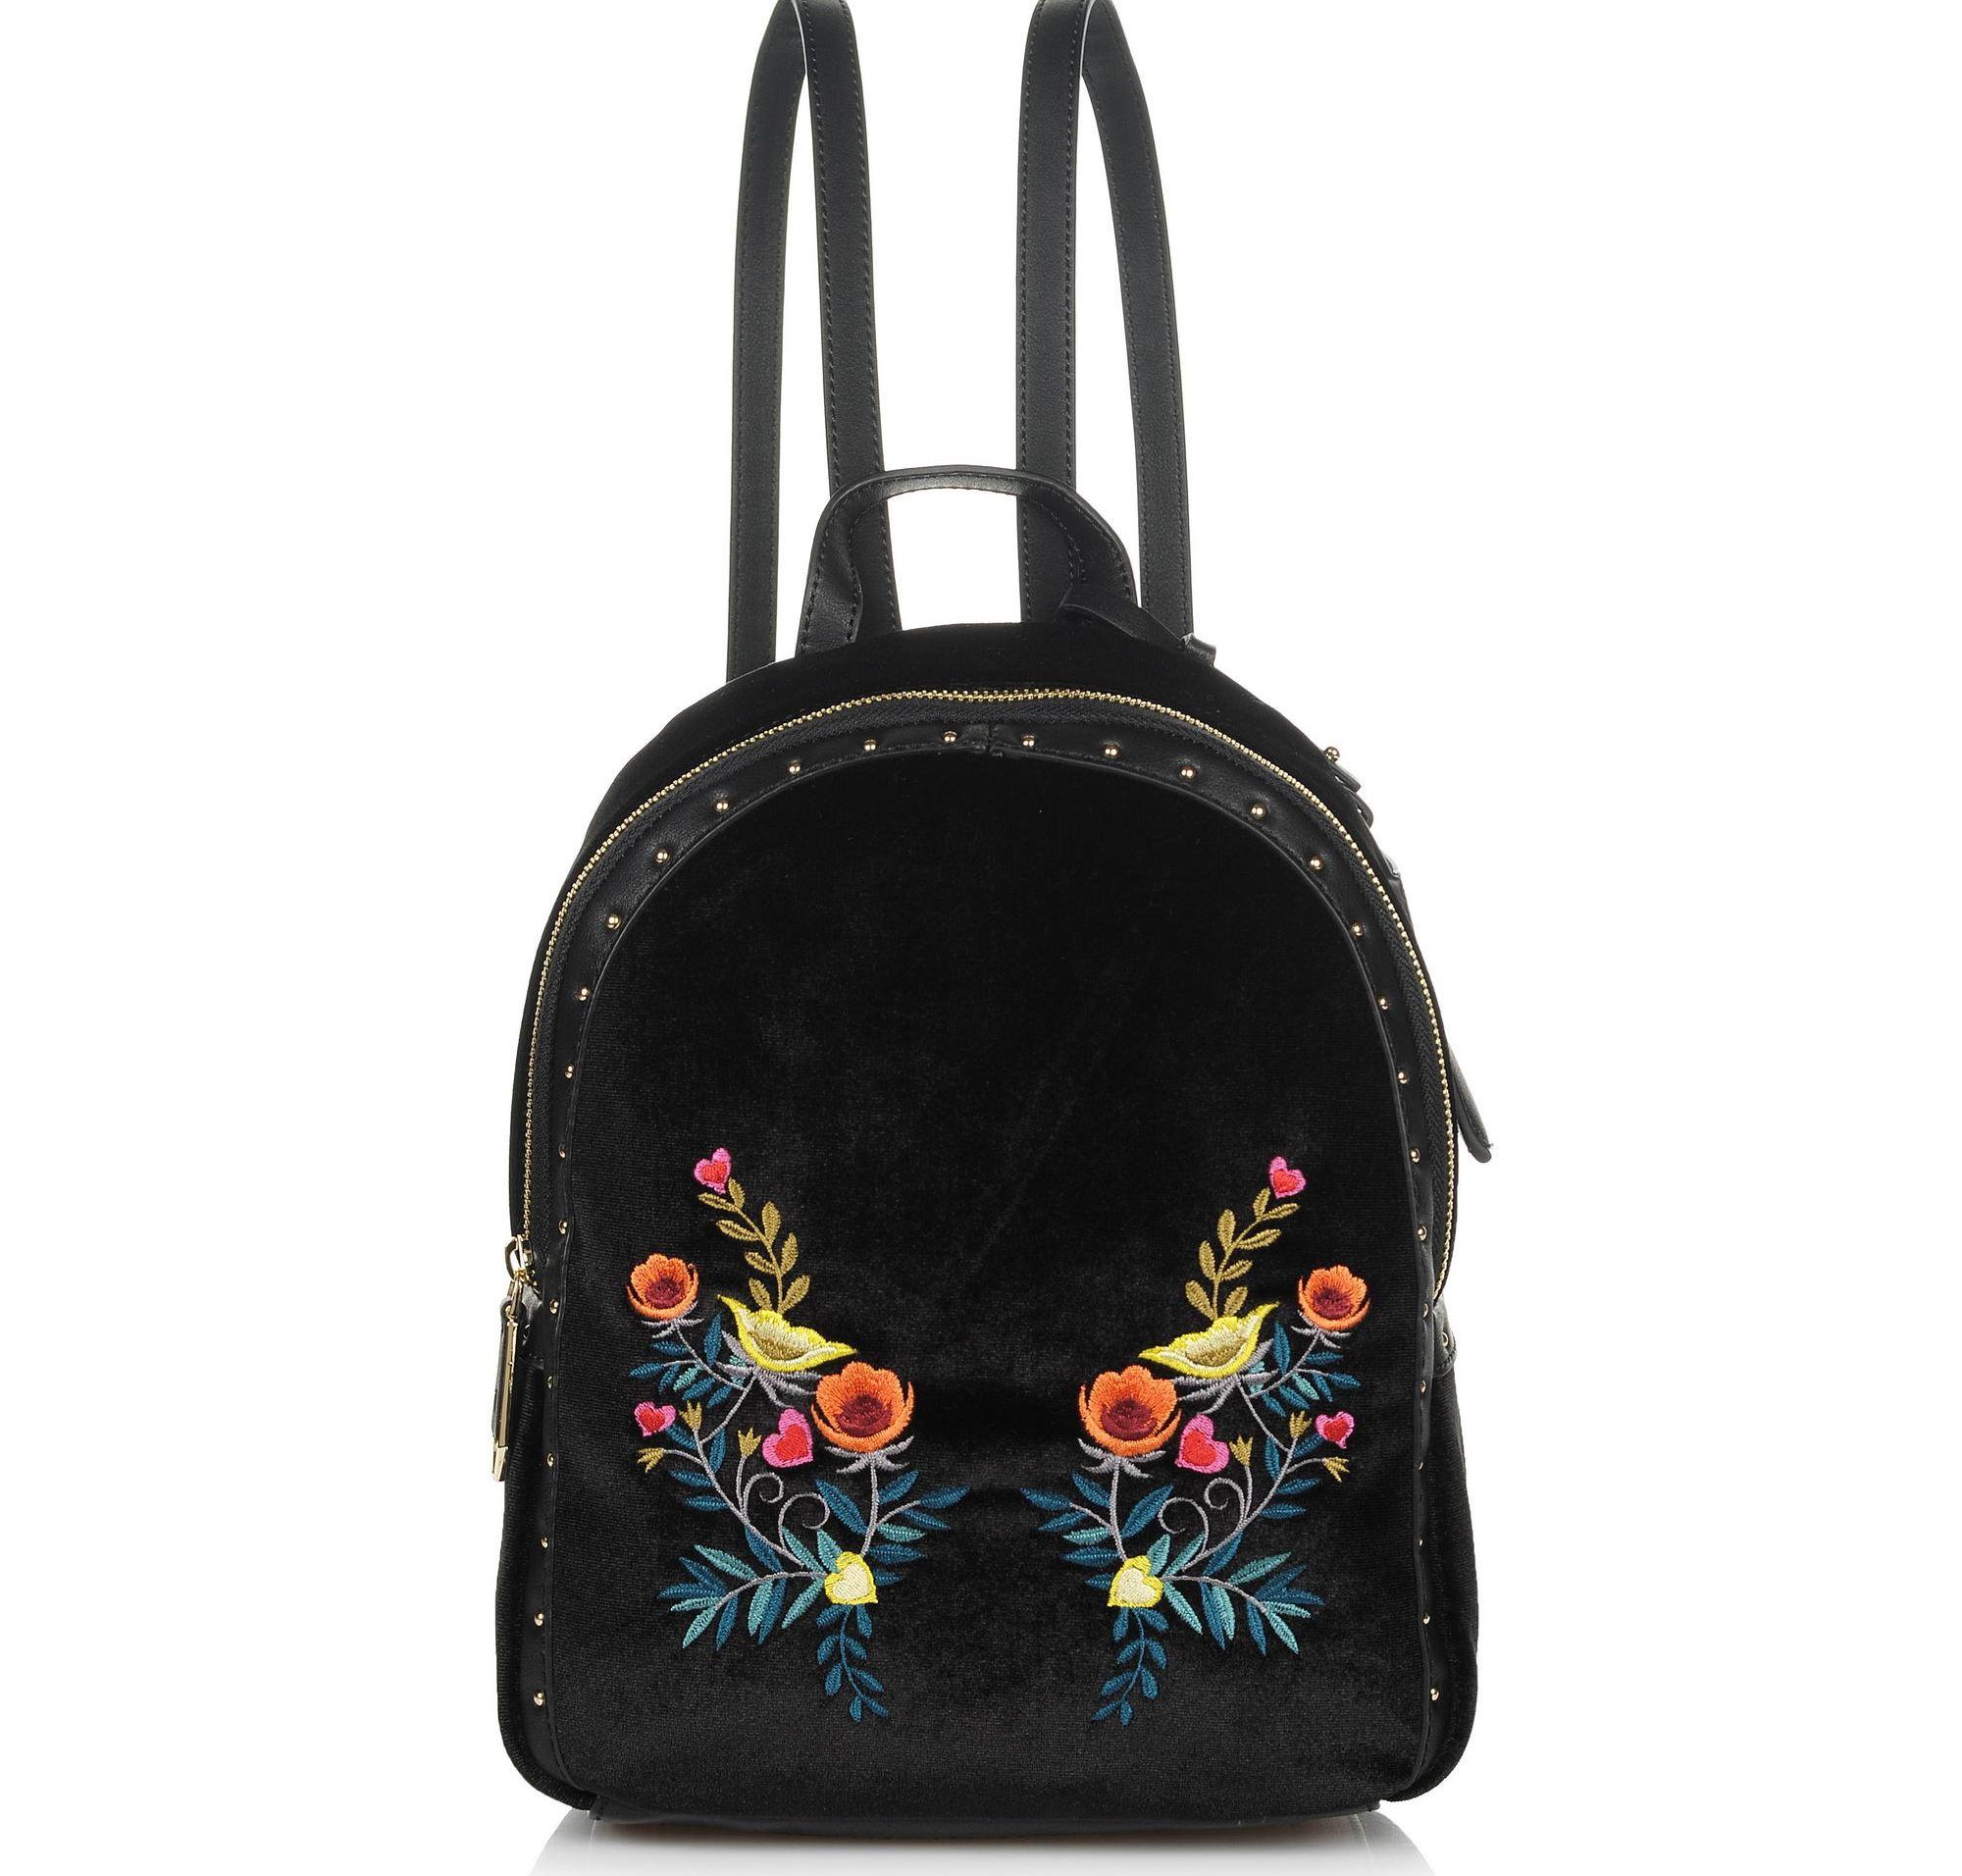 Σακίδιο Πλάτης Trussardi Jeans Portulaca Backpack Velvet/Embrpoidery 75B00539